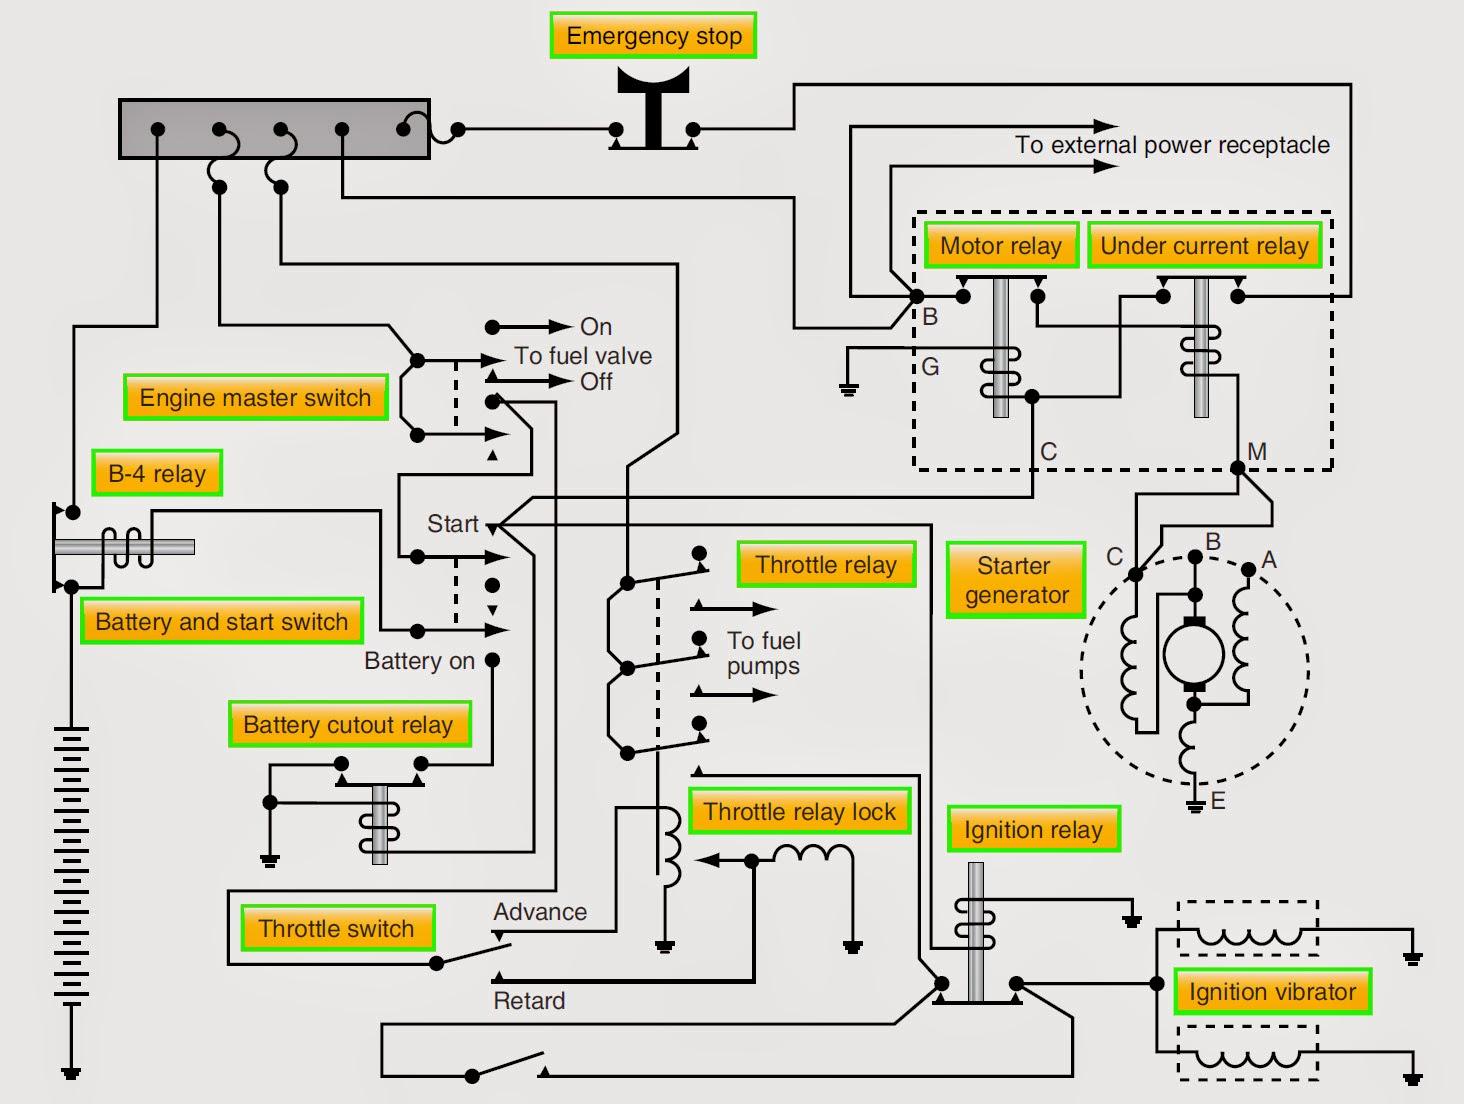 onan 2 8 generator wiring diagram old onan generators wiring diagrams kohler generator